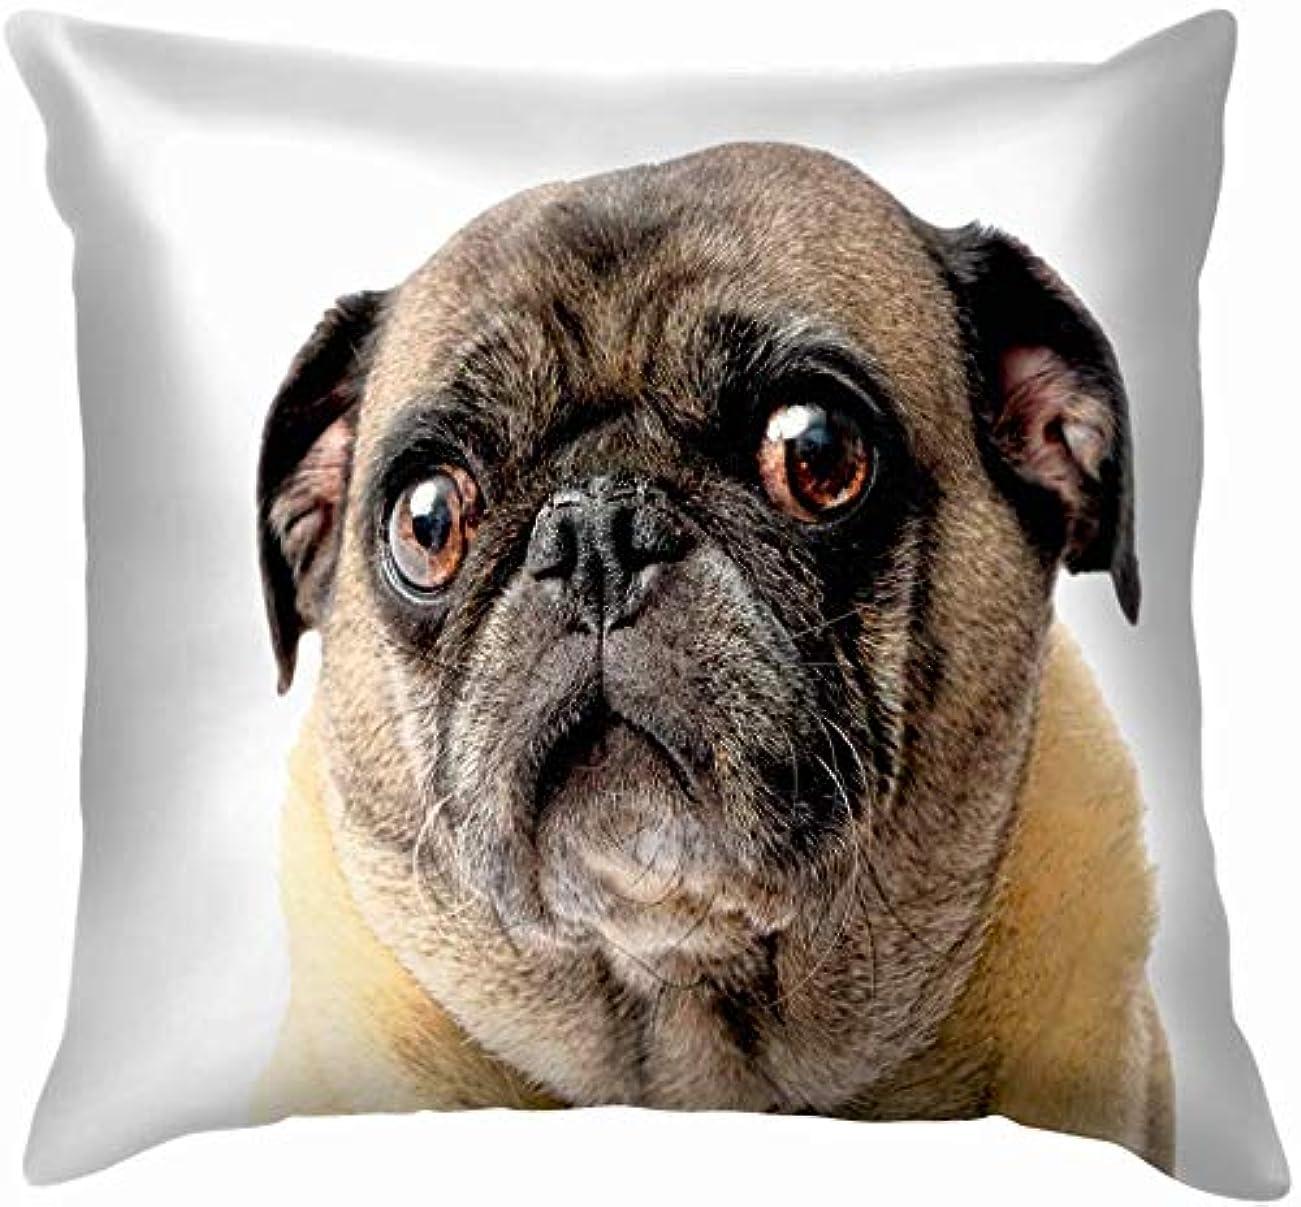 集団的高度メロディー白い動物に悲しいパグ犬野生動物おかしい自然スロー枕カバーホームソファクッションカバー枕ギフト45x45 cm